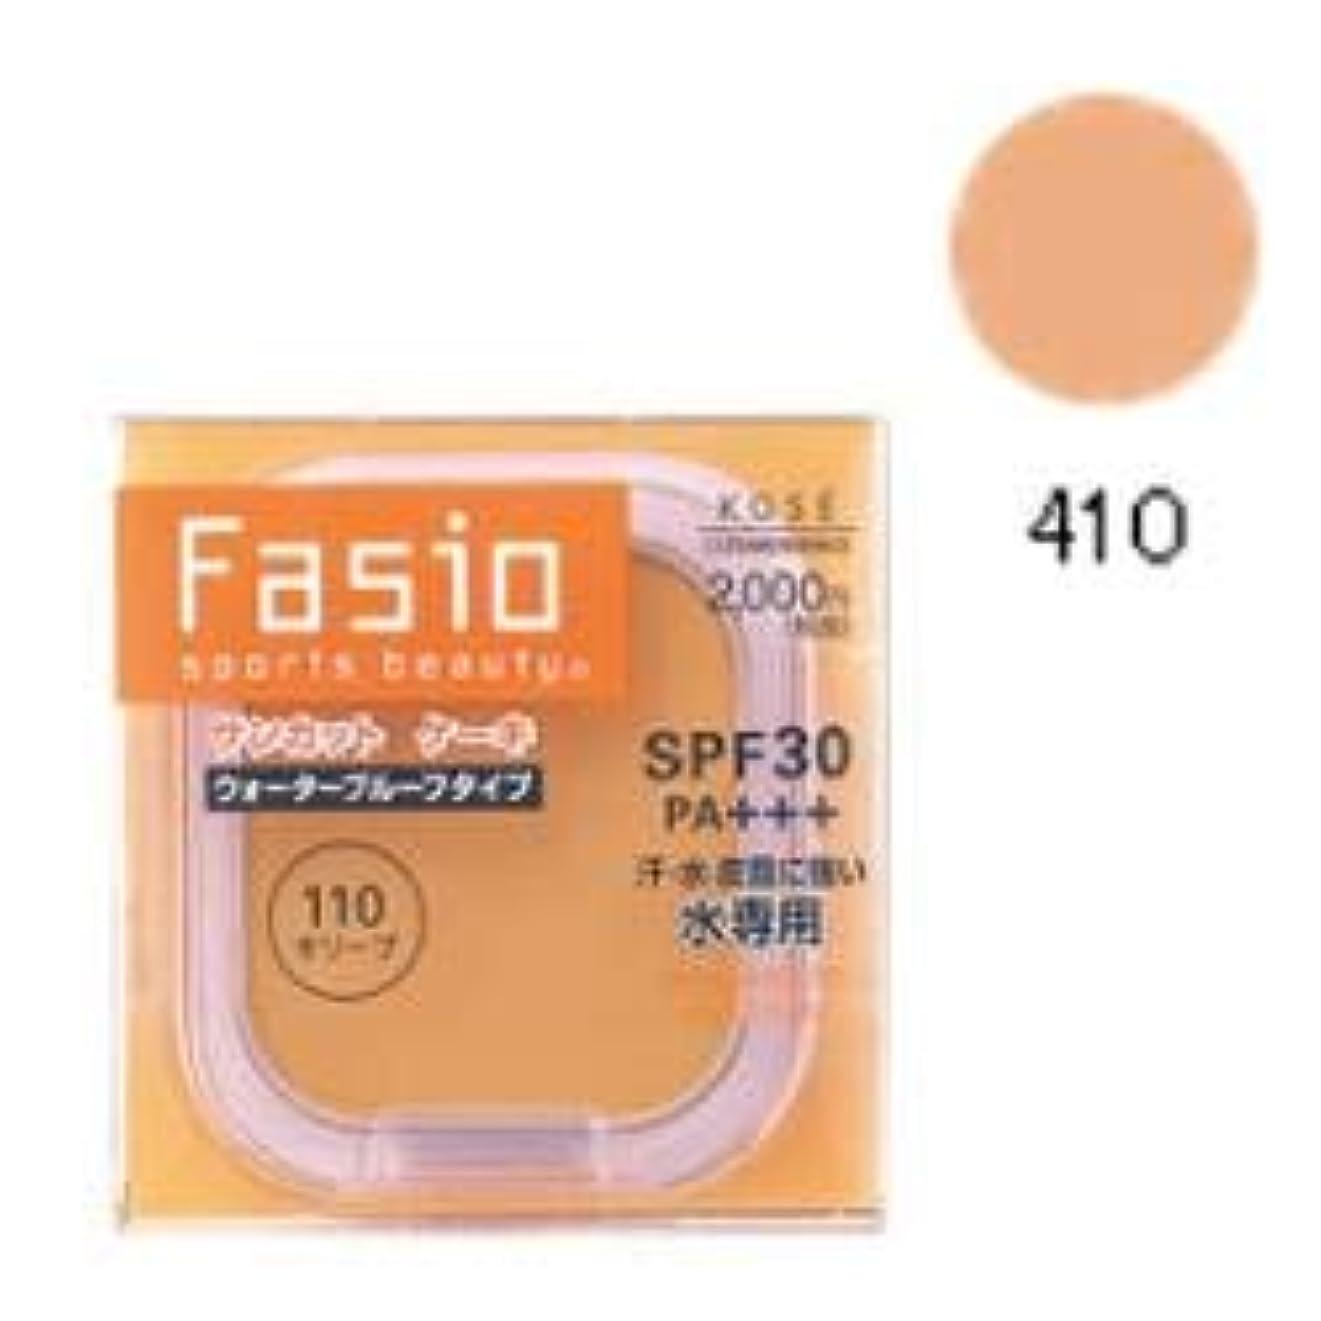 後福祉アラートコーセー Fasio ファシオ サンカット ケーキ 詰め替え用 410